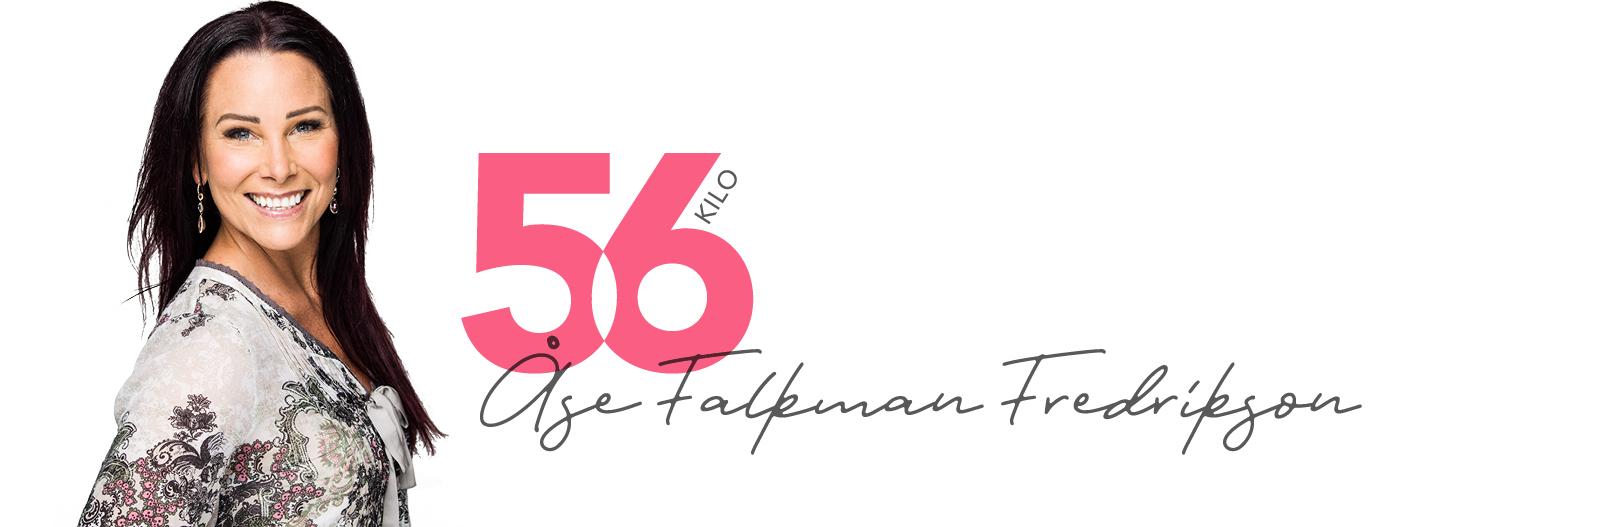 56kilo.se